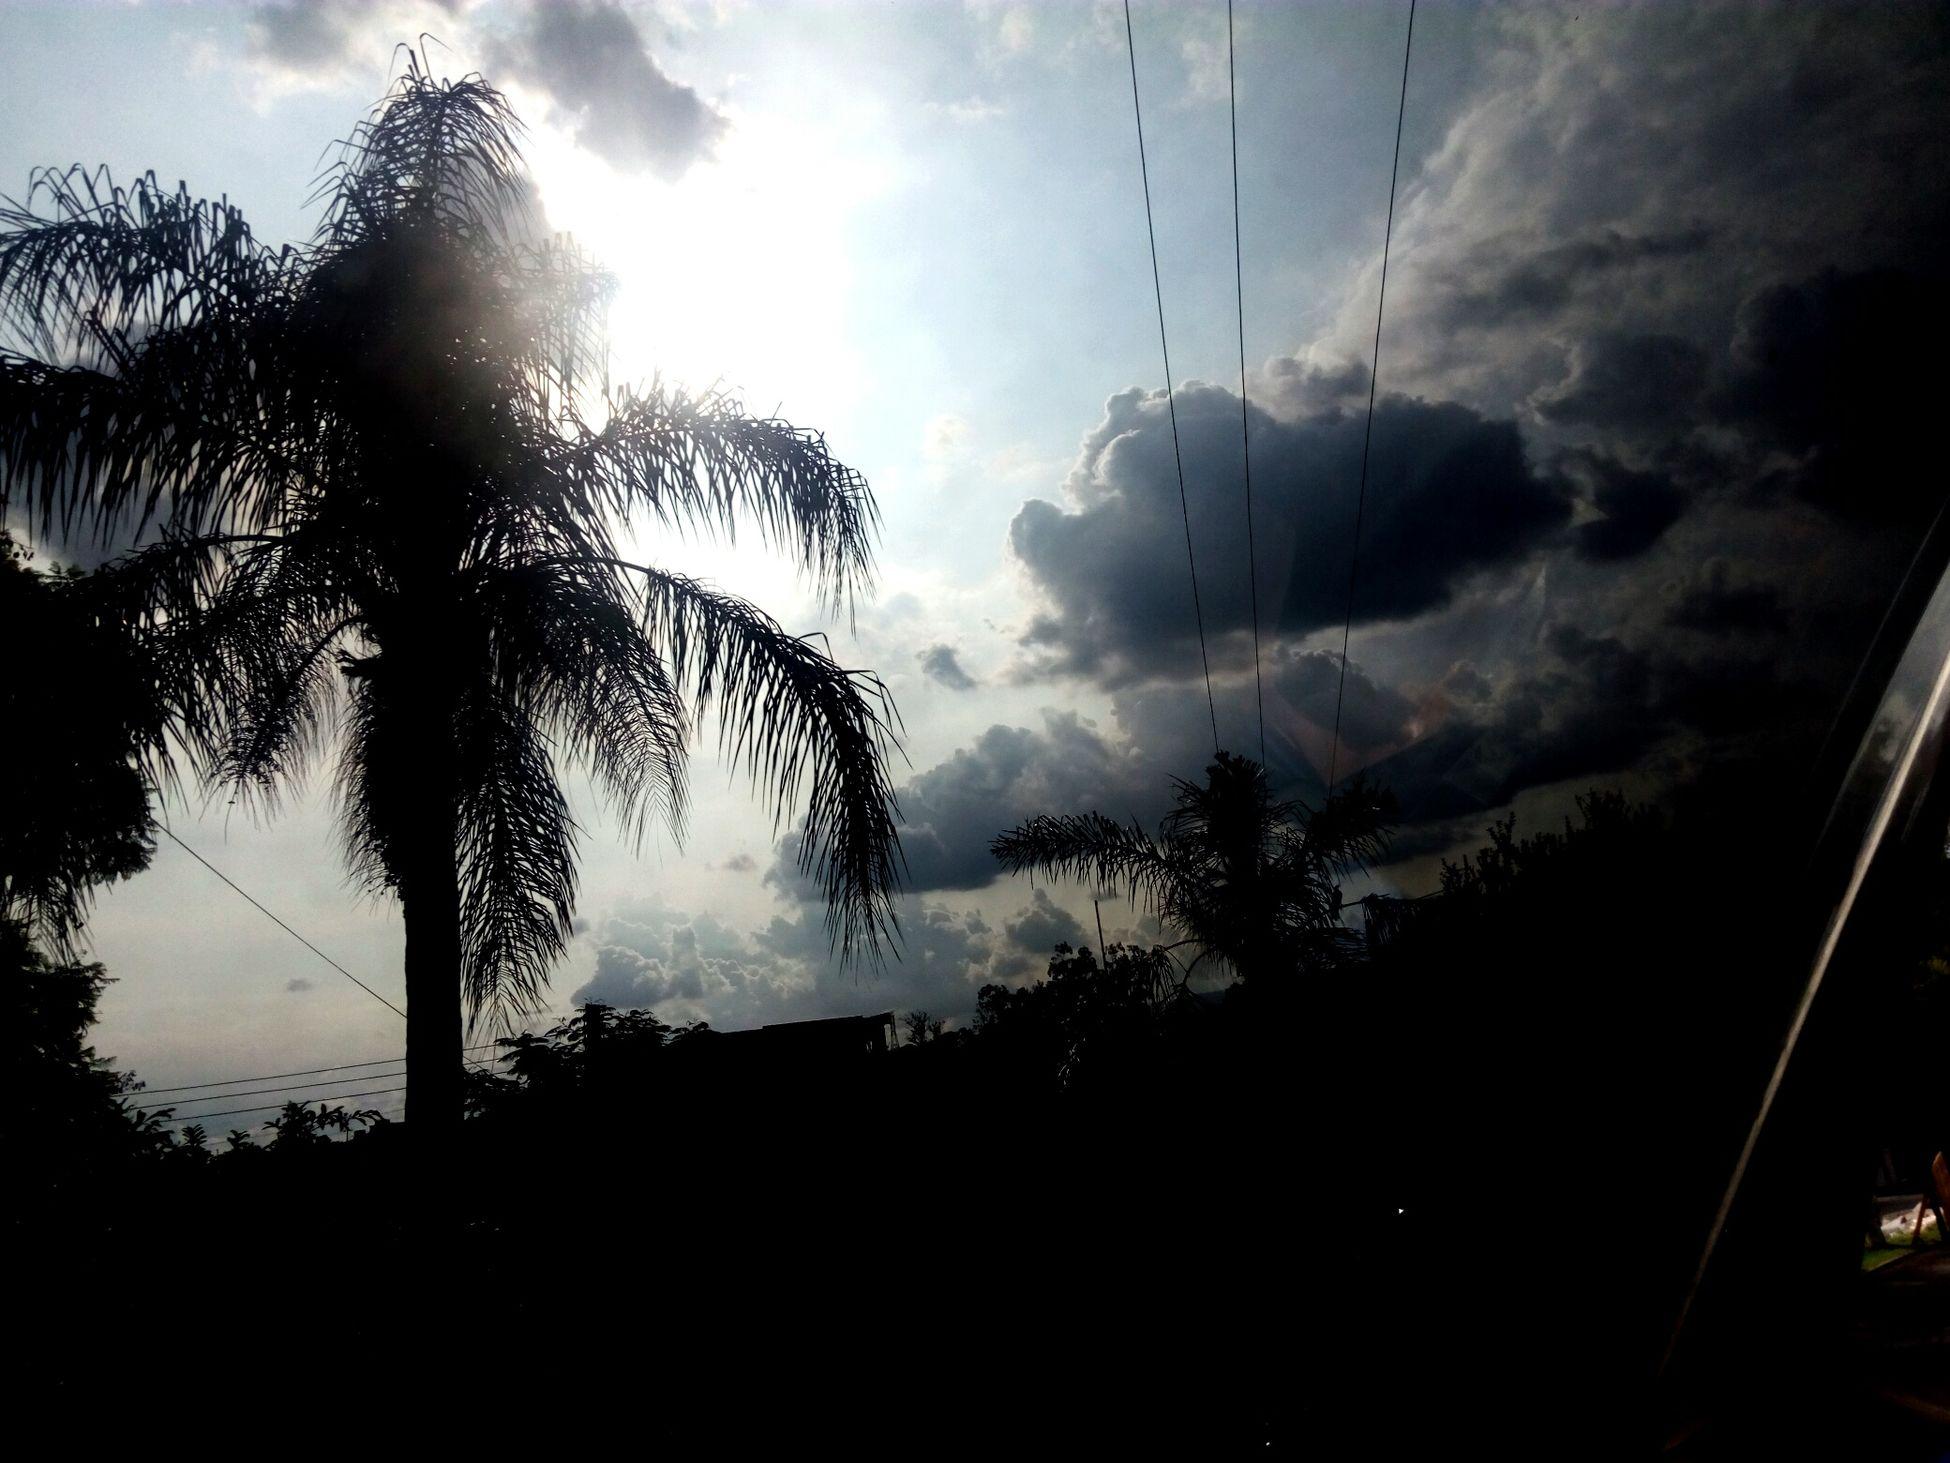 Sky And Palm Tree🌴